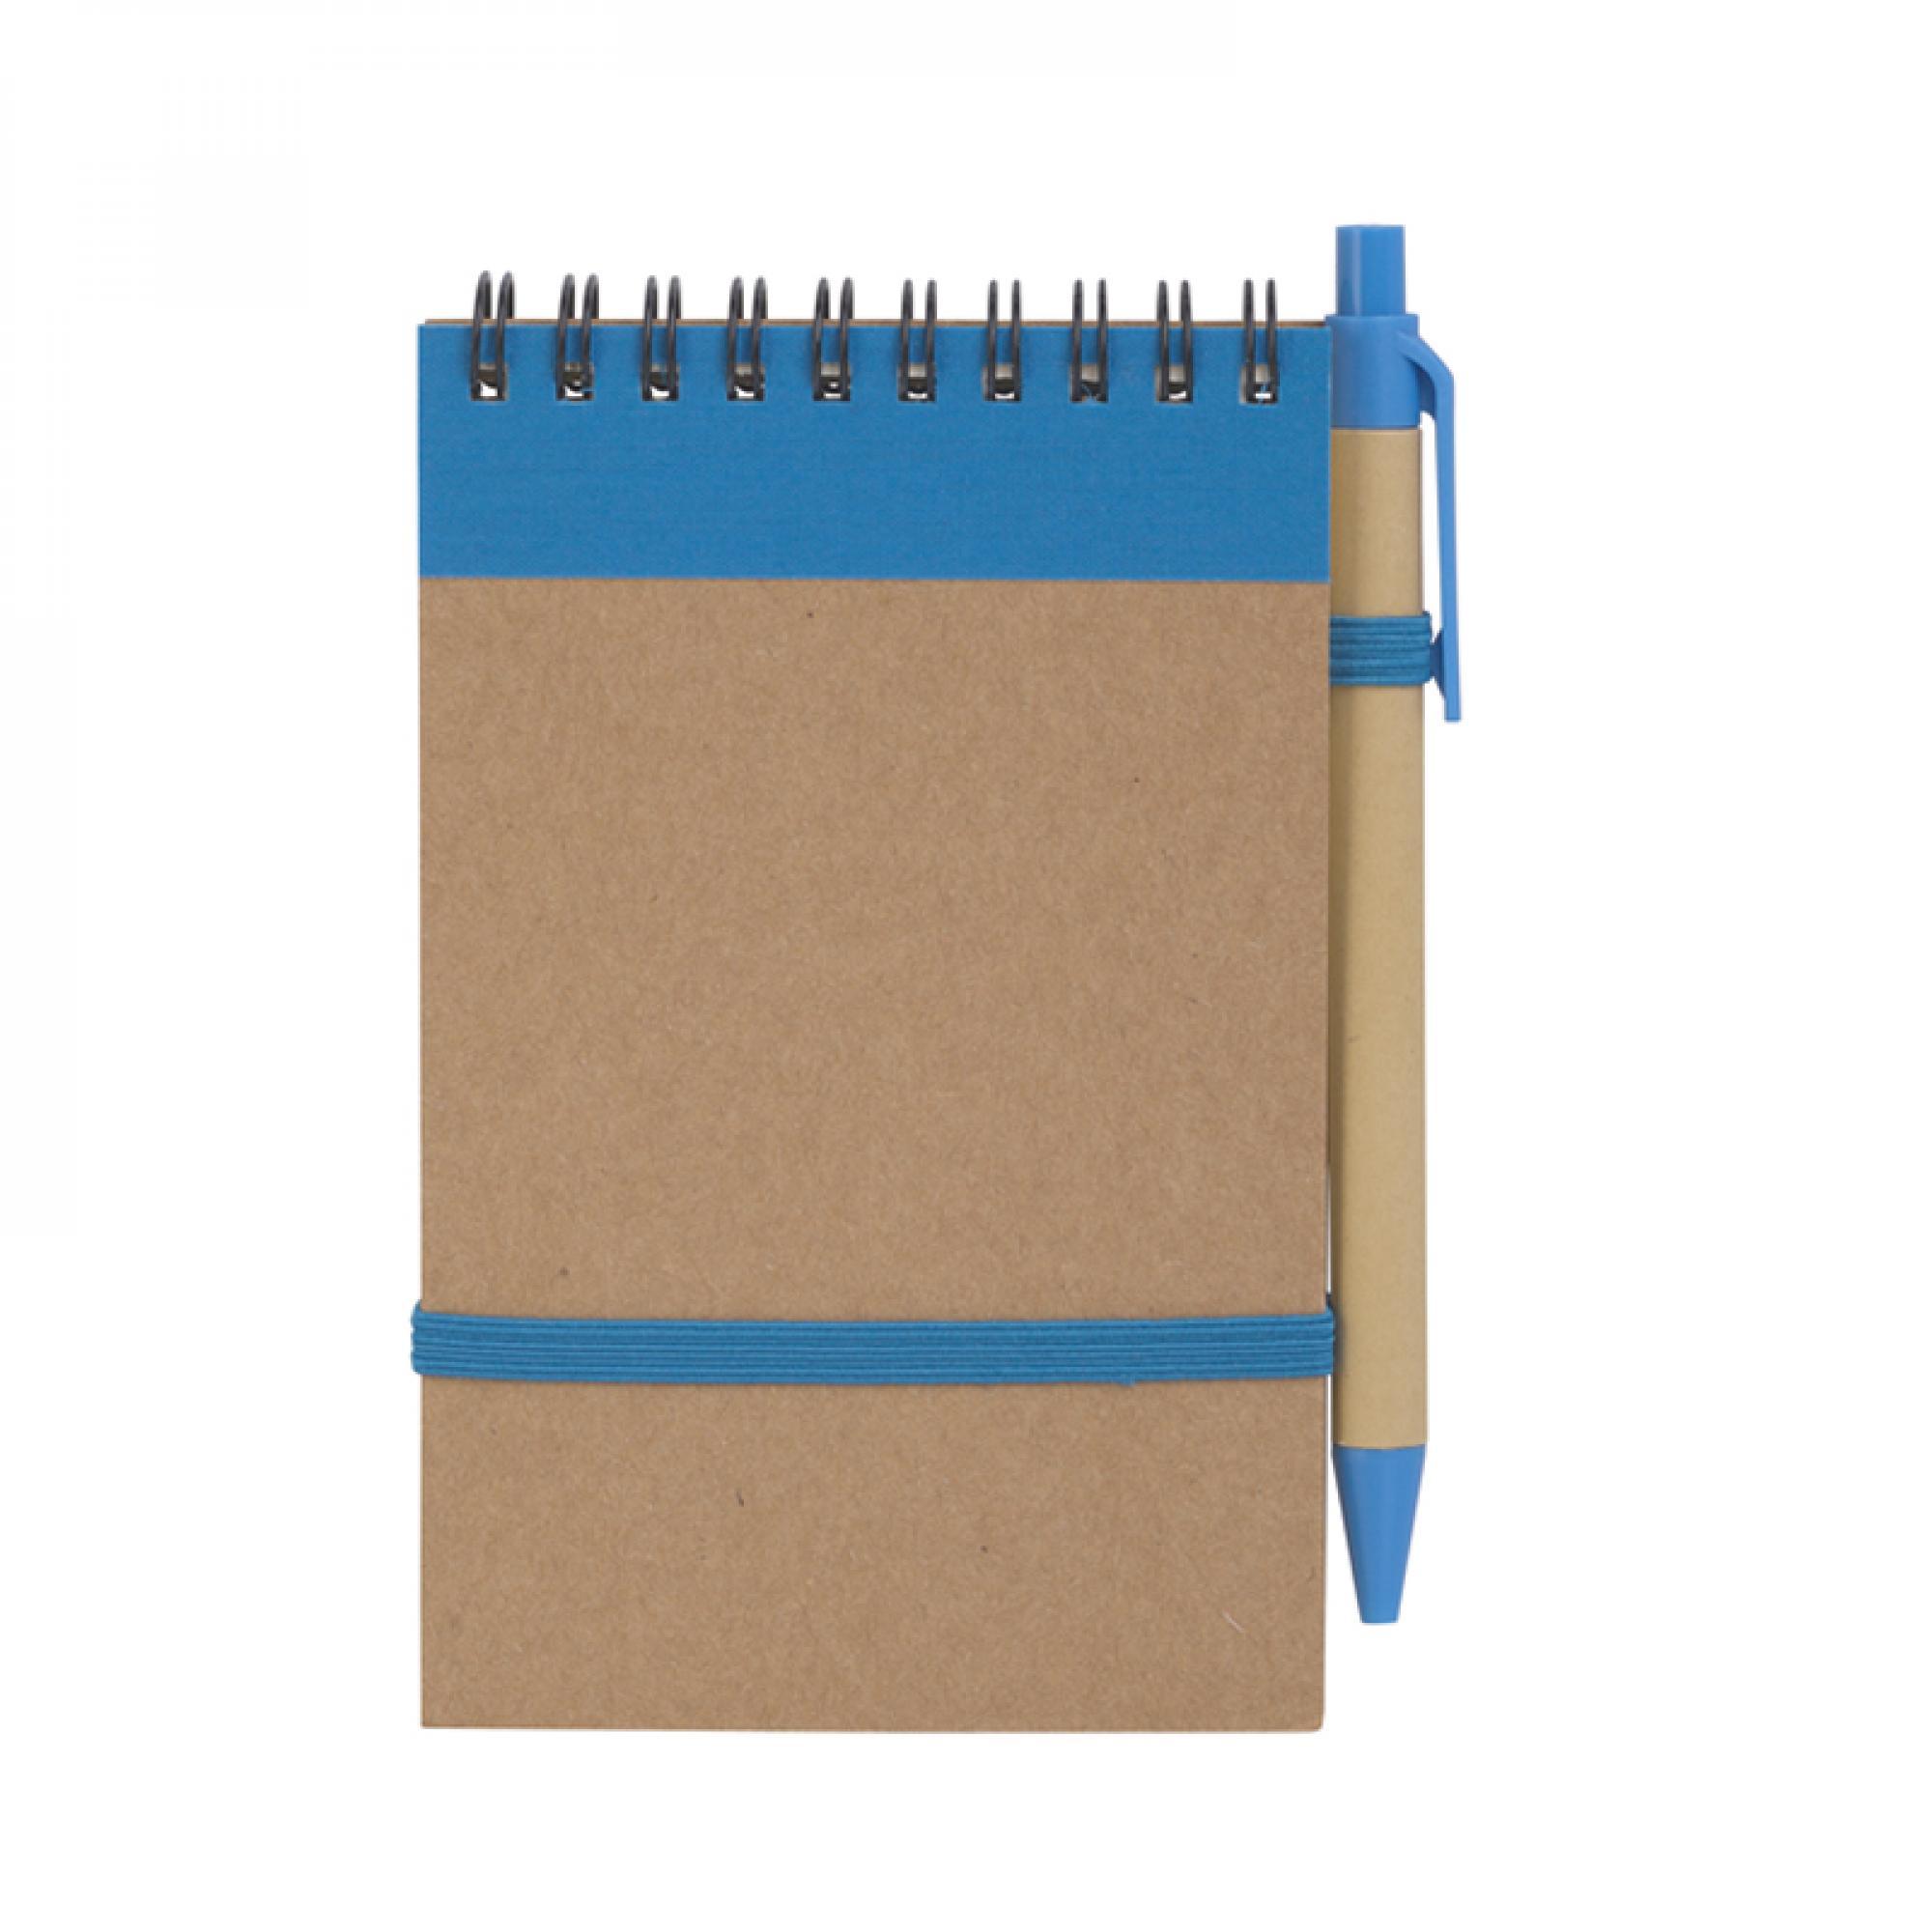 """Блокнот с ручкой """"Papyrus"""", цвет синий, арт. 1381-2 в каталоге """"Океан бизнес сувениров"""" для оптовых заказов"""